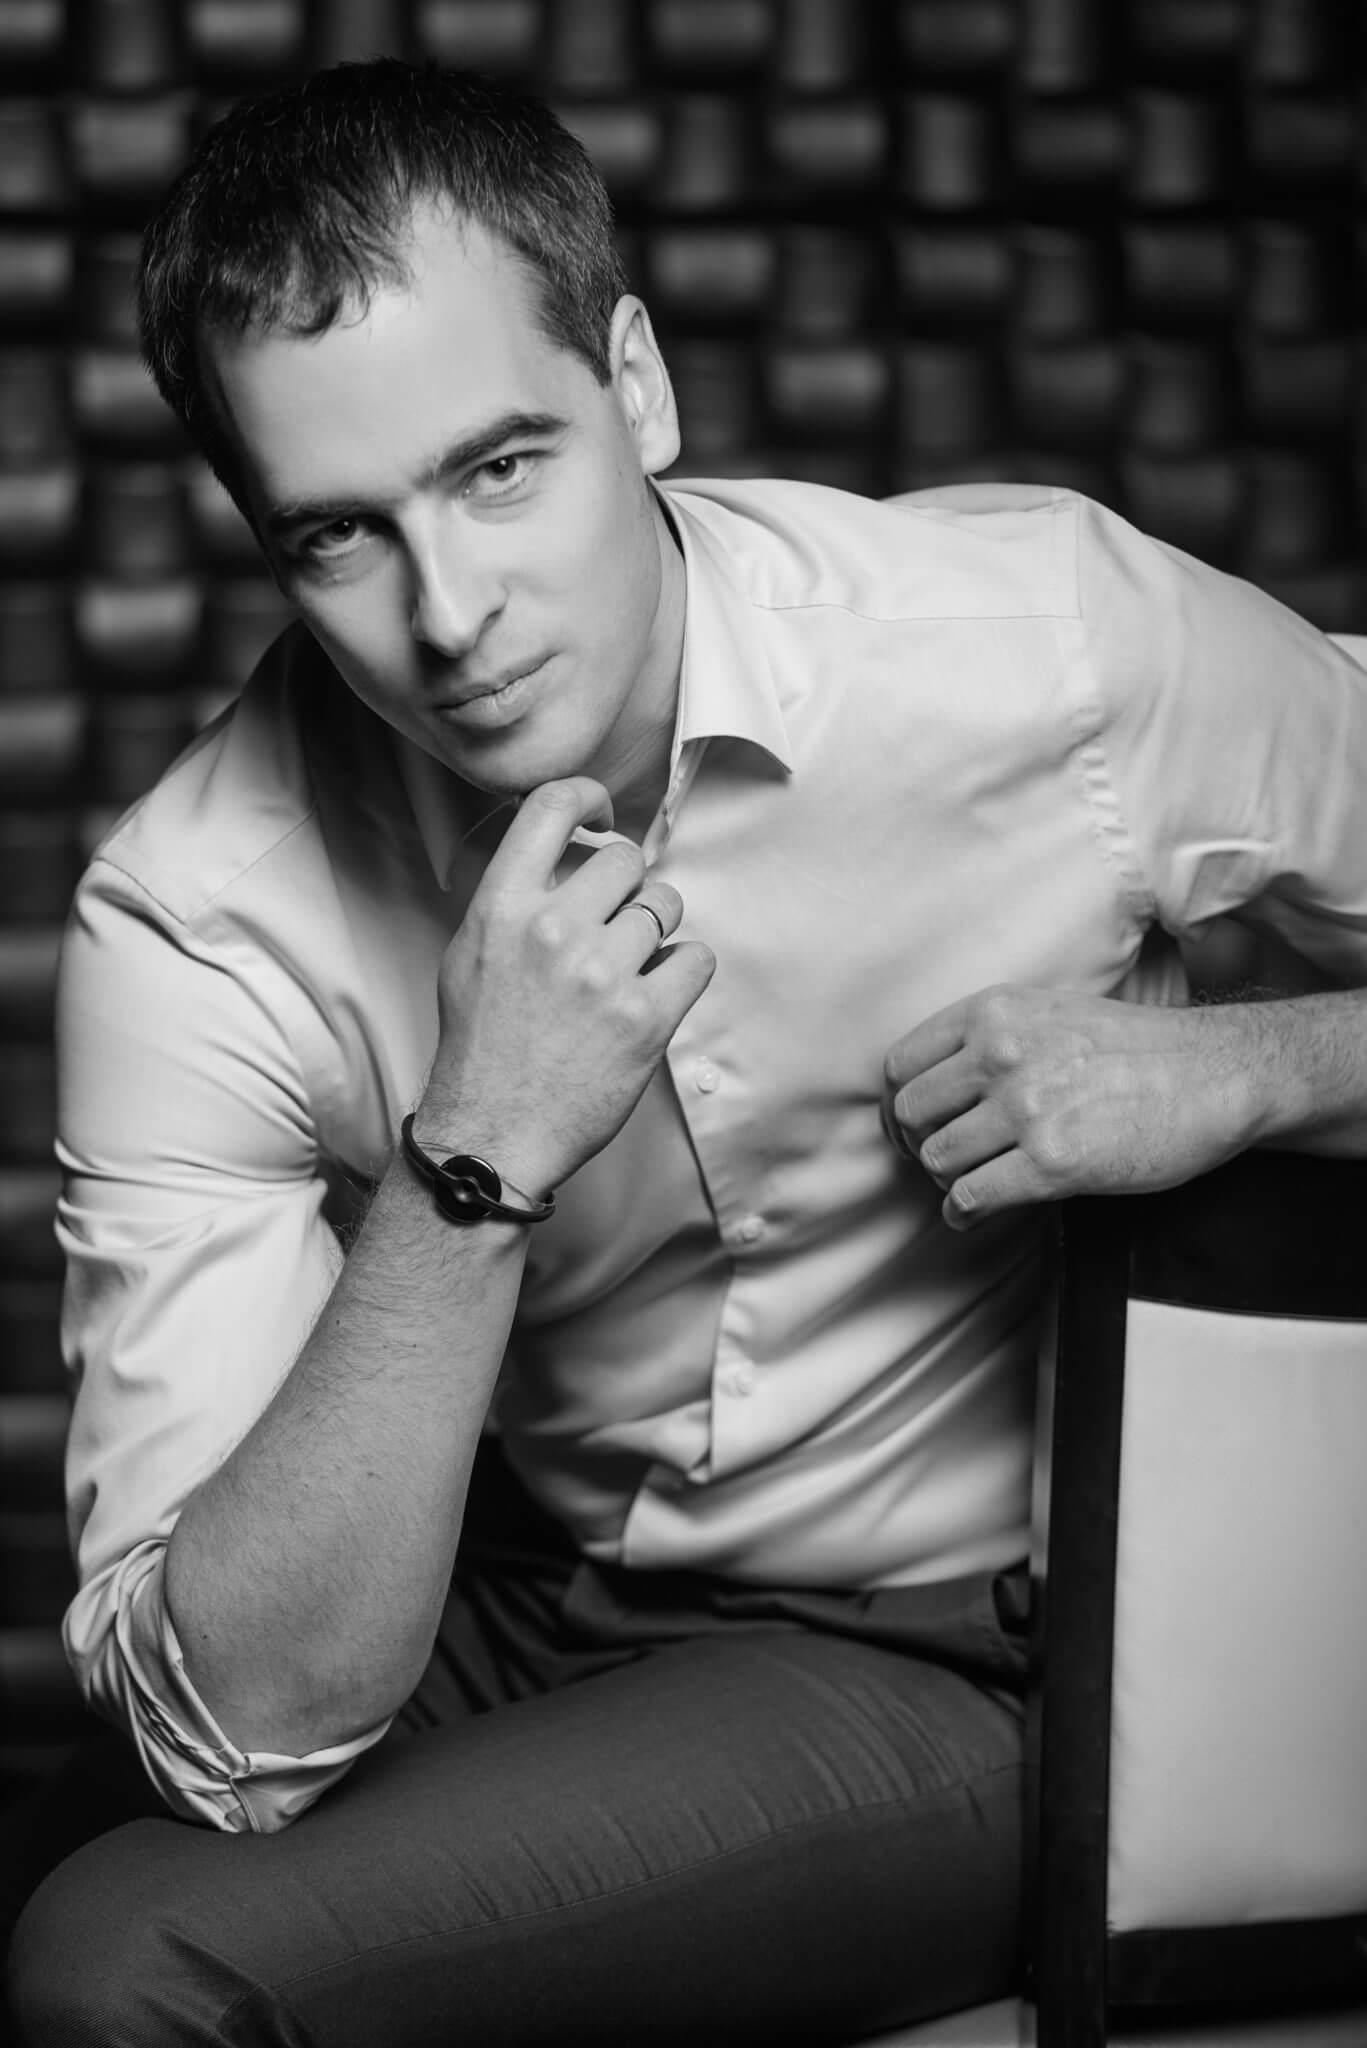 Деловой портрет, бизнес портфолио, портрет мужчины на стуле в рубашке, черно-белое фото